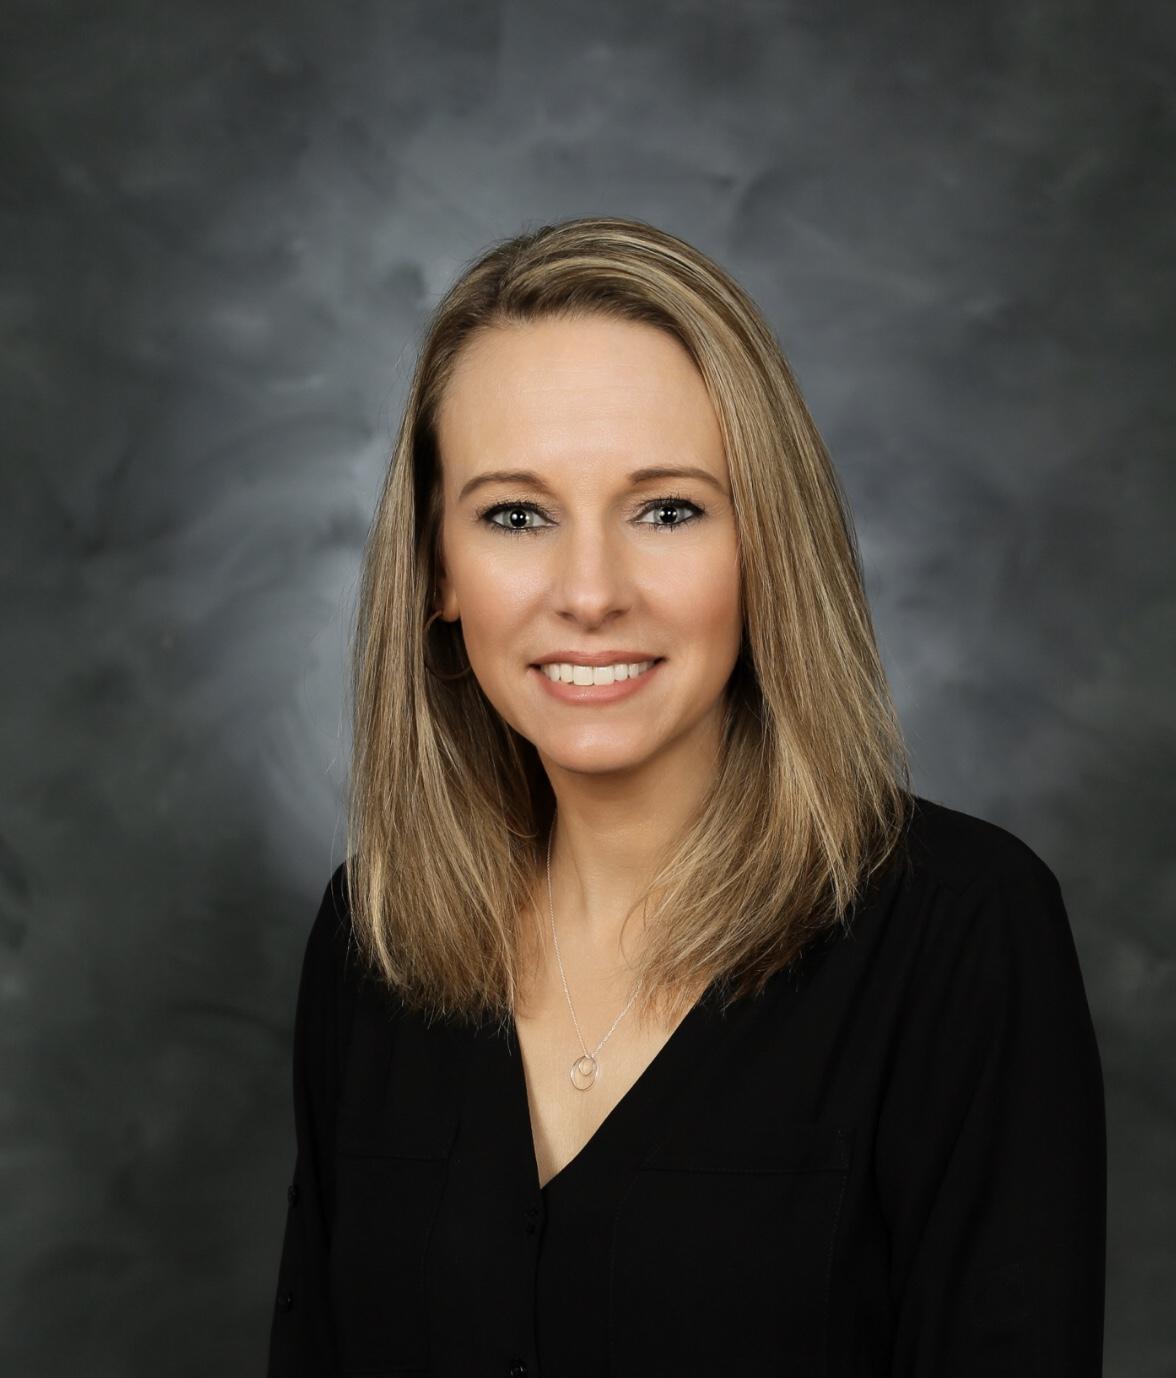 Jennifer Ranaletti